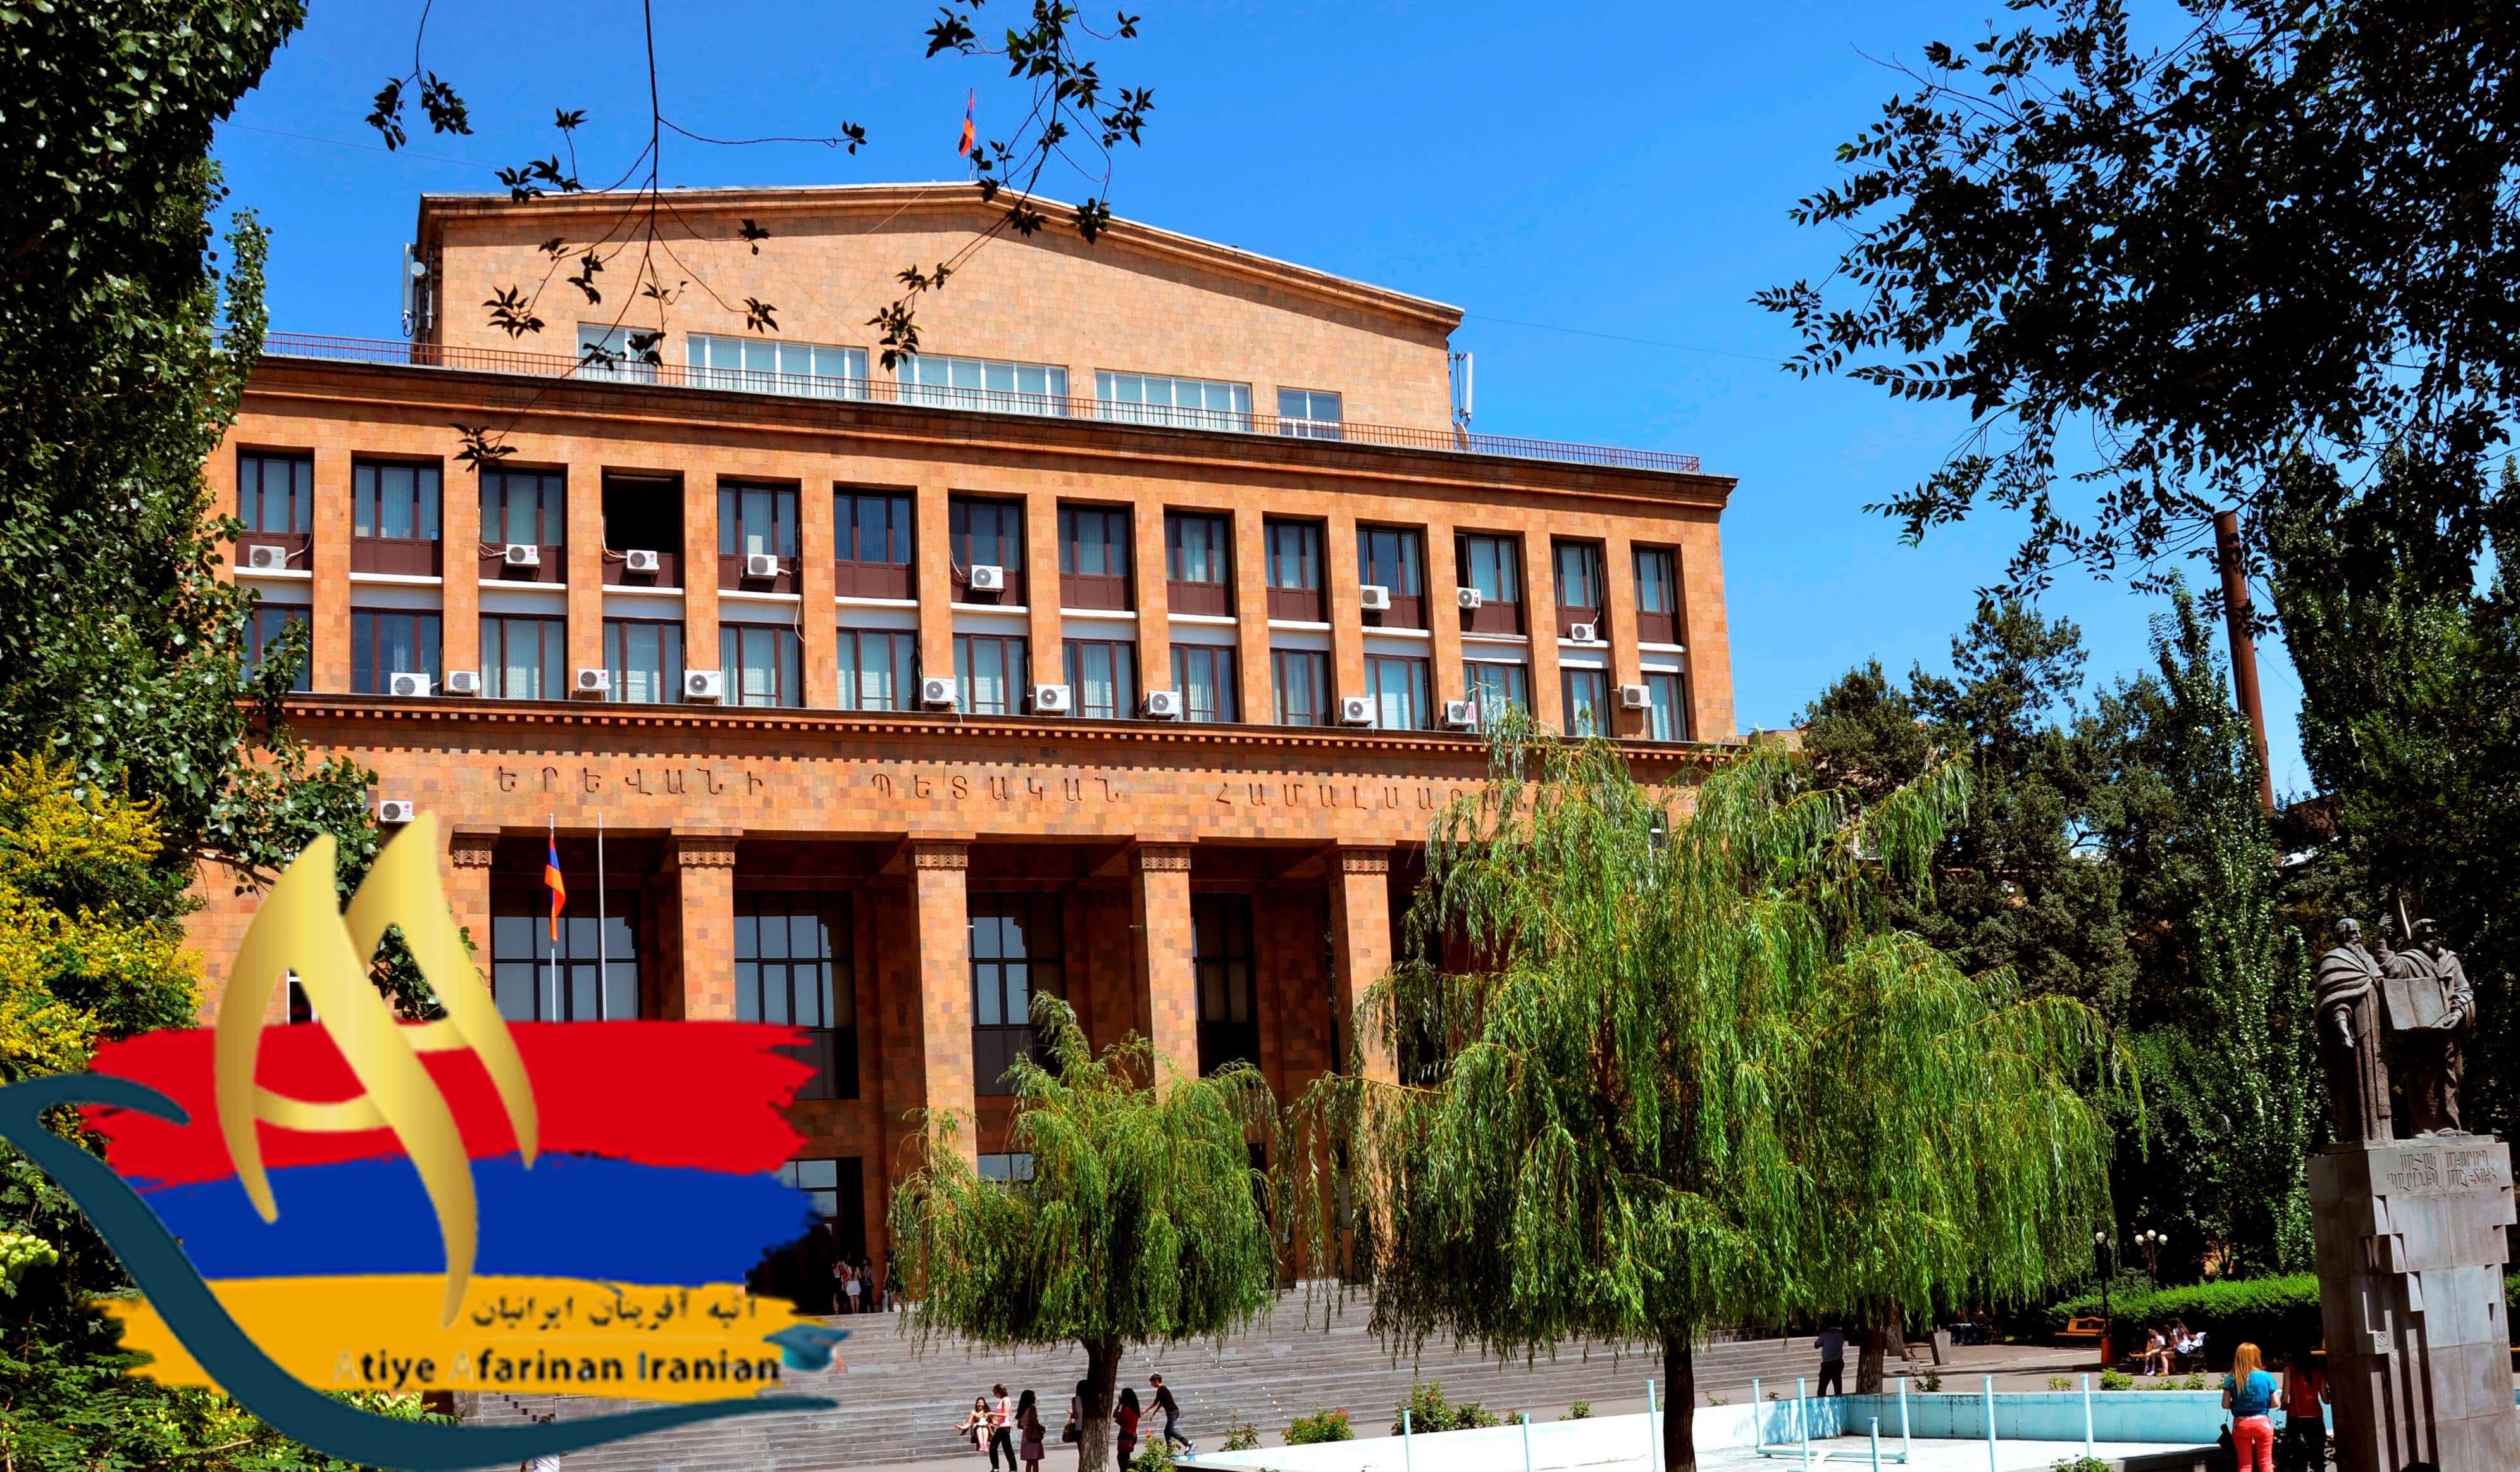 دانشگاه دولتی ایروان ارمنستان